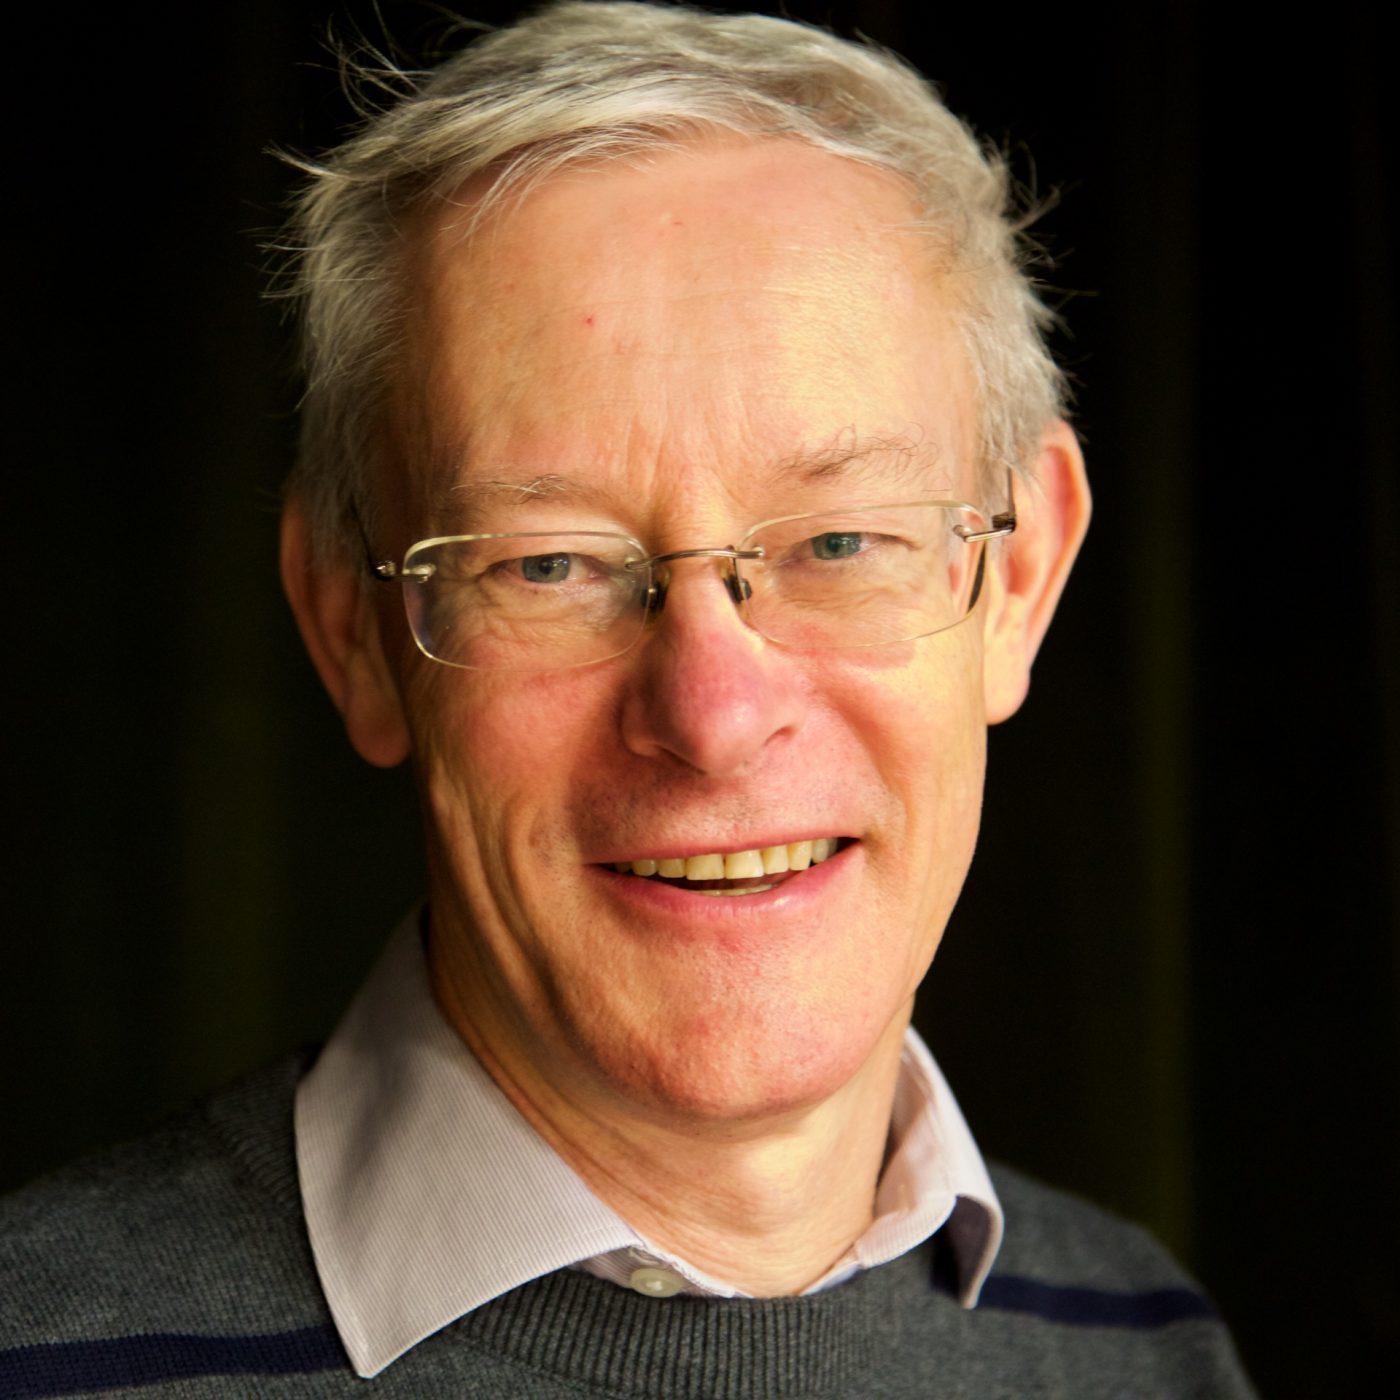 Graham Horn